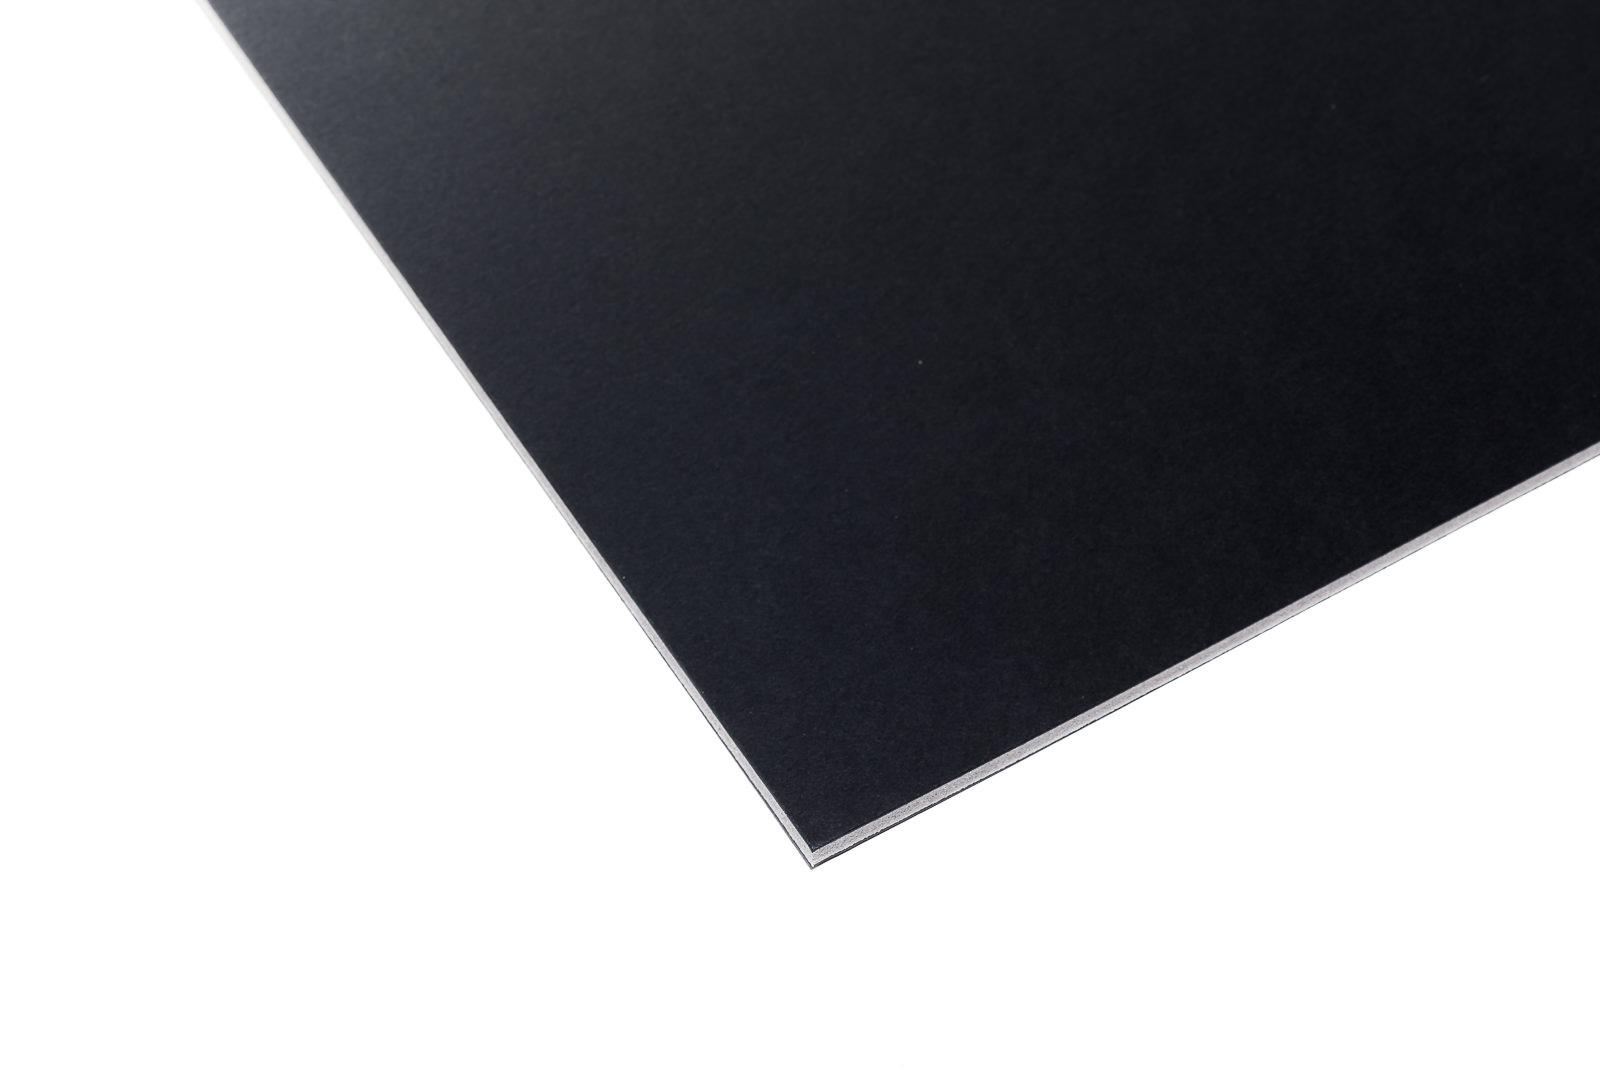 Kapa-Graph schwarz